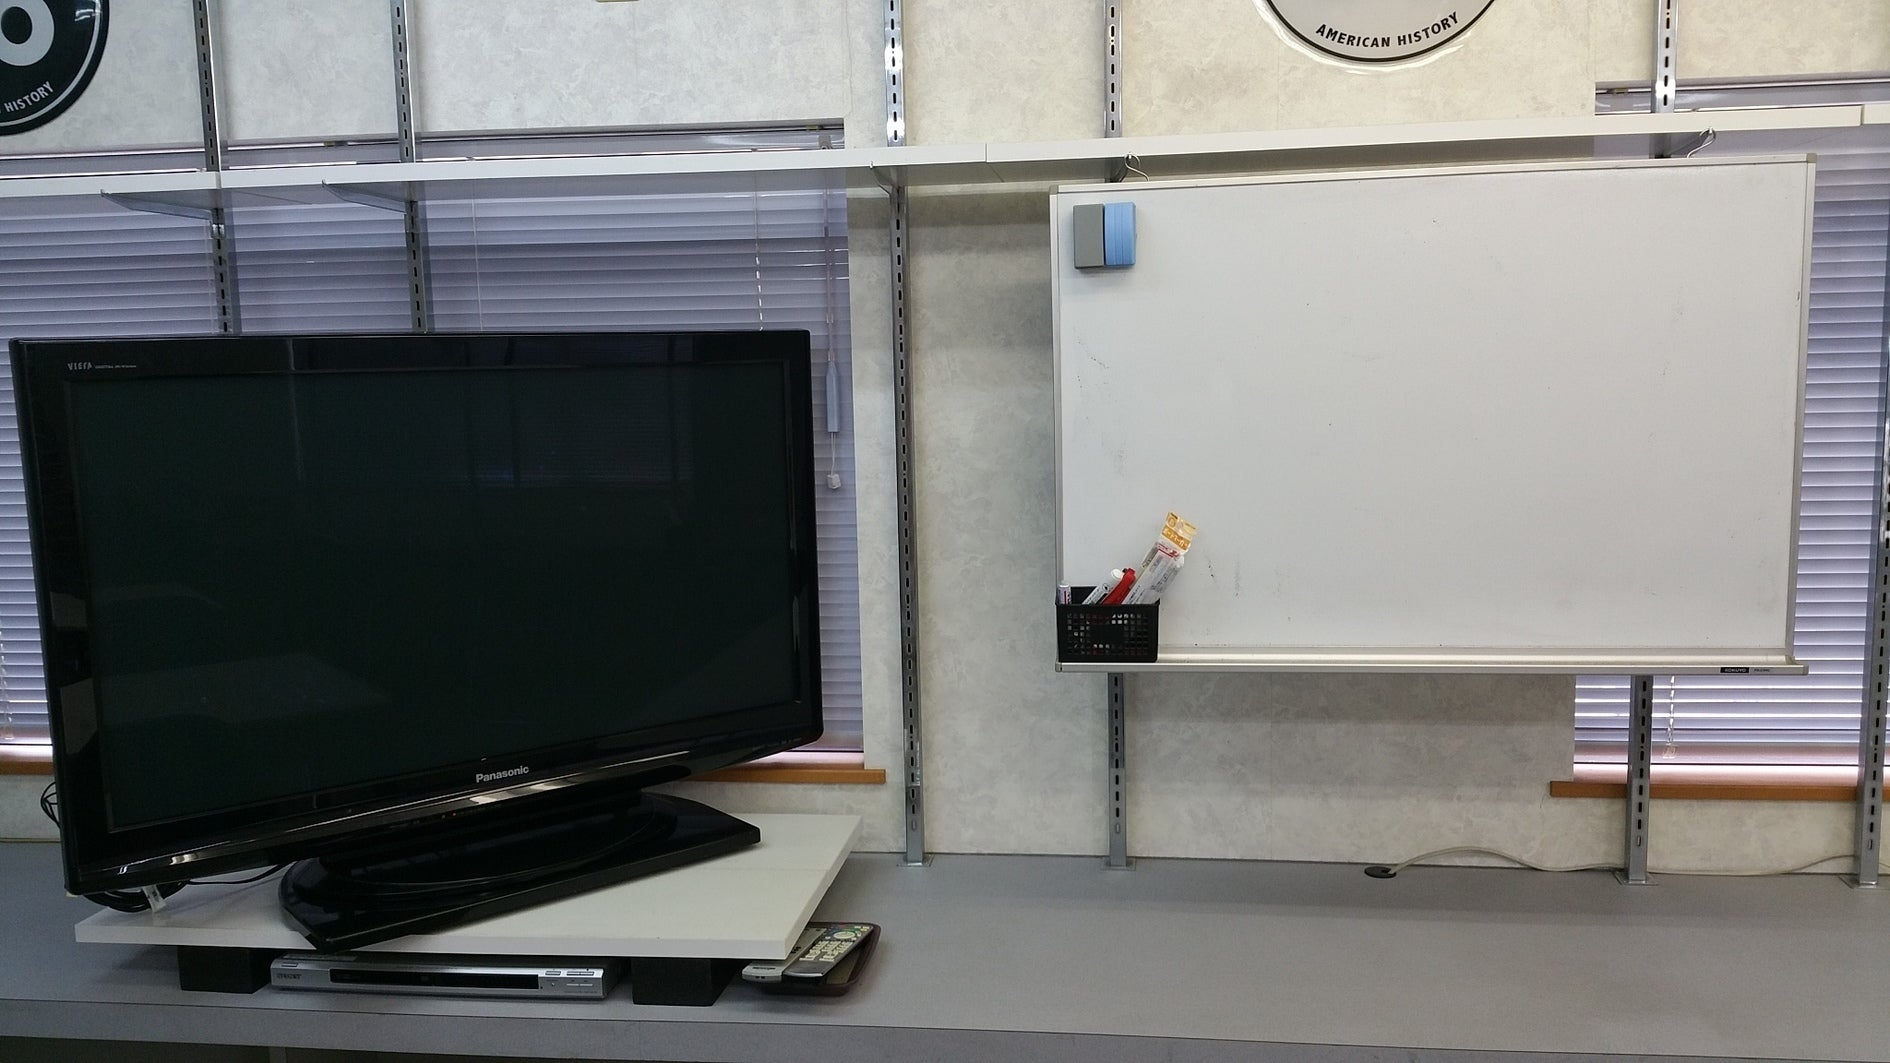 42インチテレビ(HDMIケーブル付き)とホワイトボード(90cm×60cm)あり